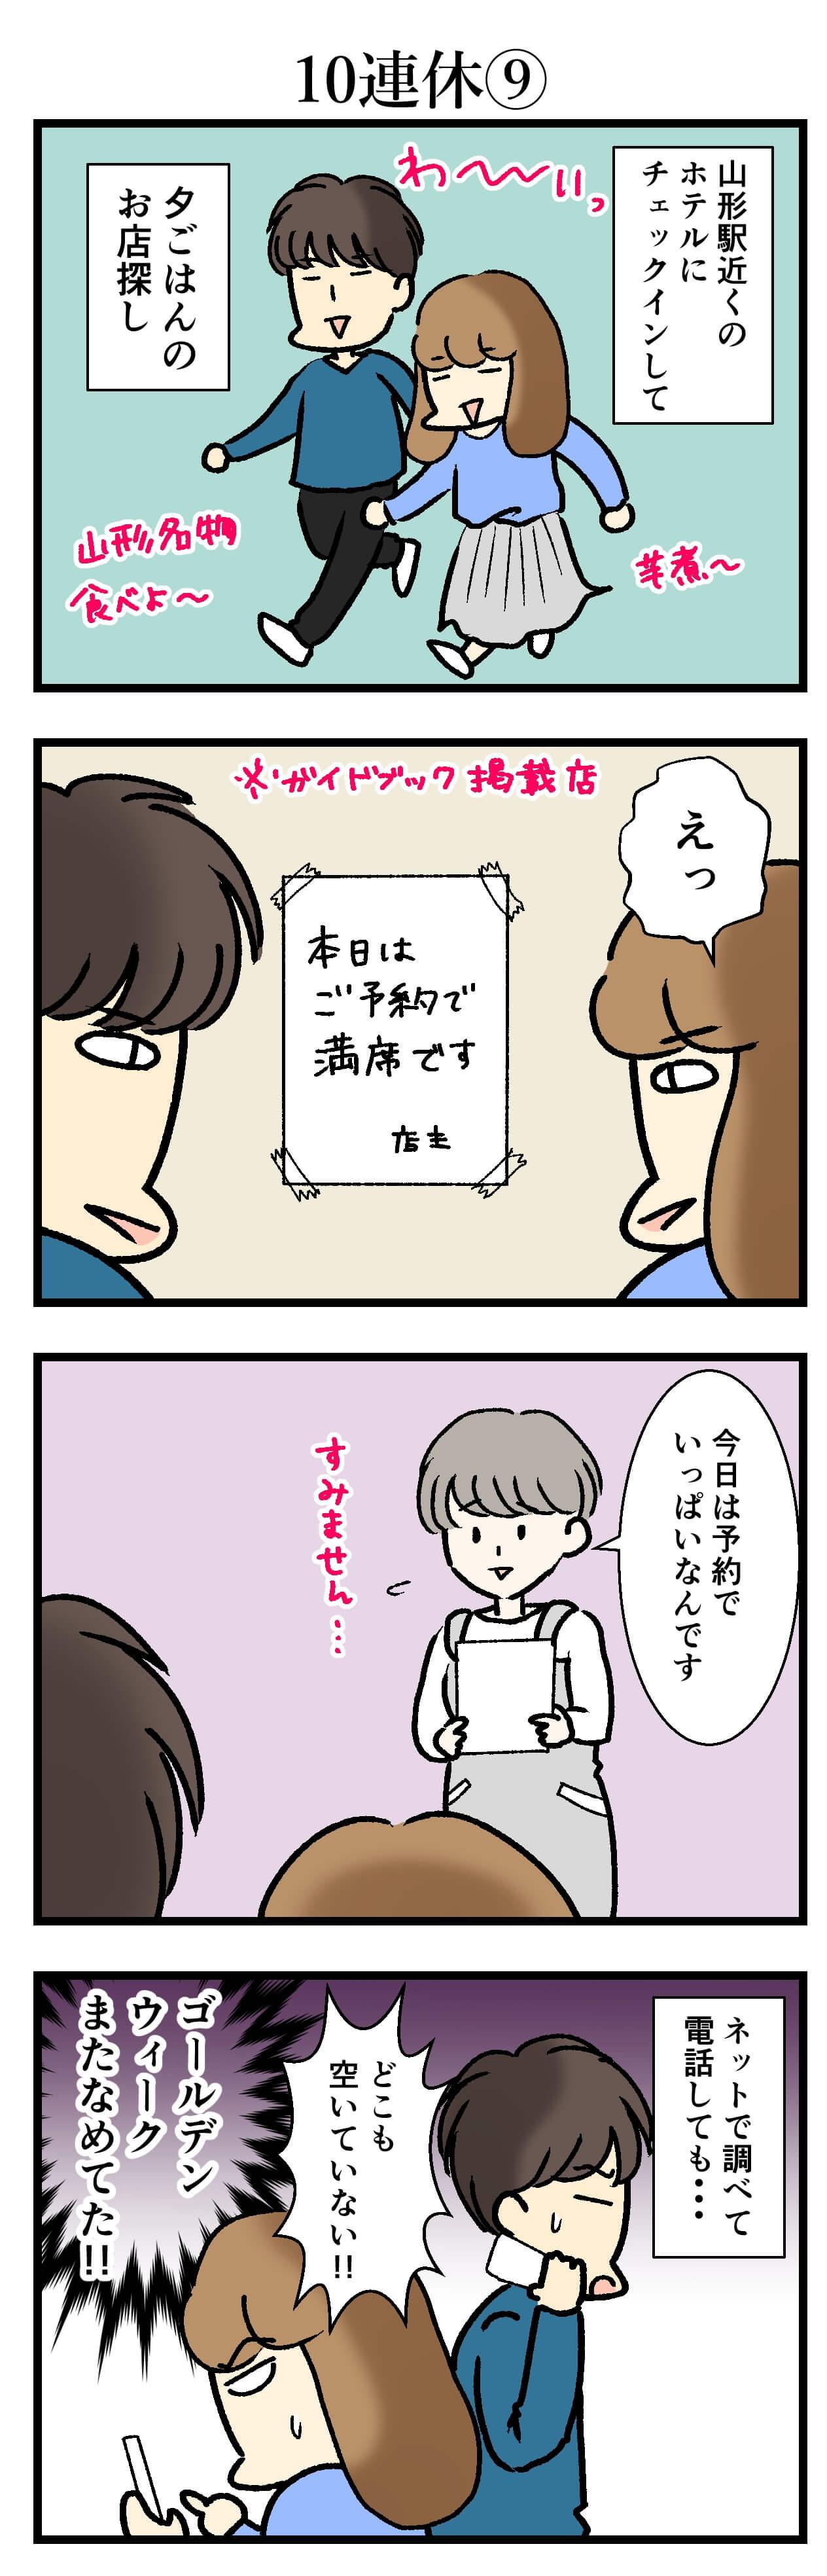 【エッセイ漫画】アラサー主婦くま子のふがいない日常(118)